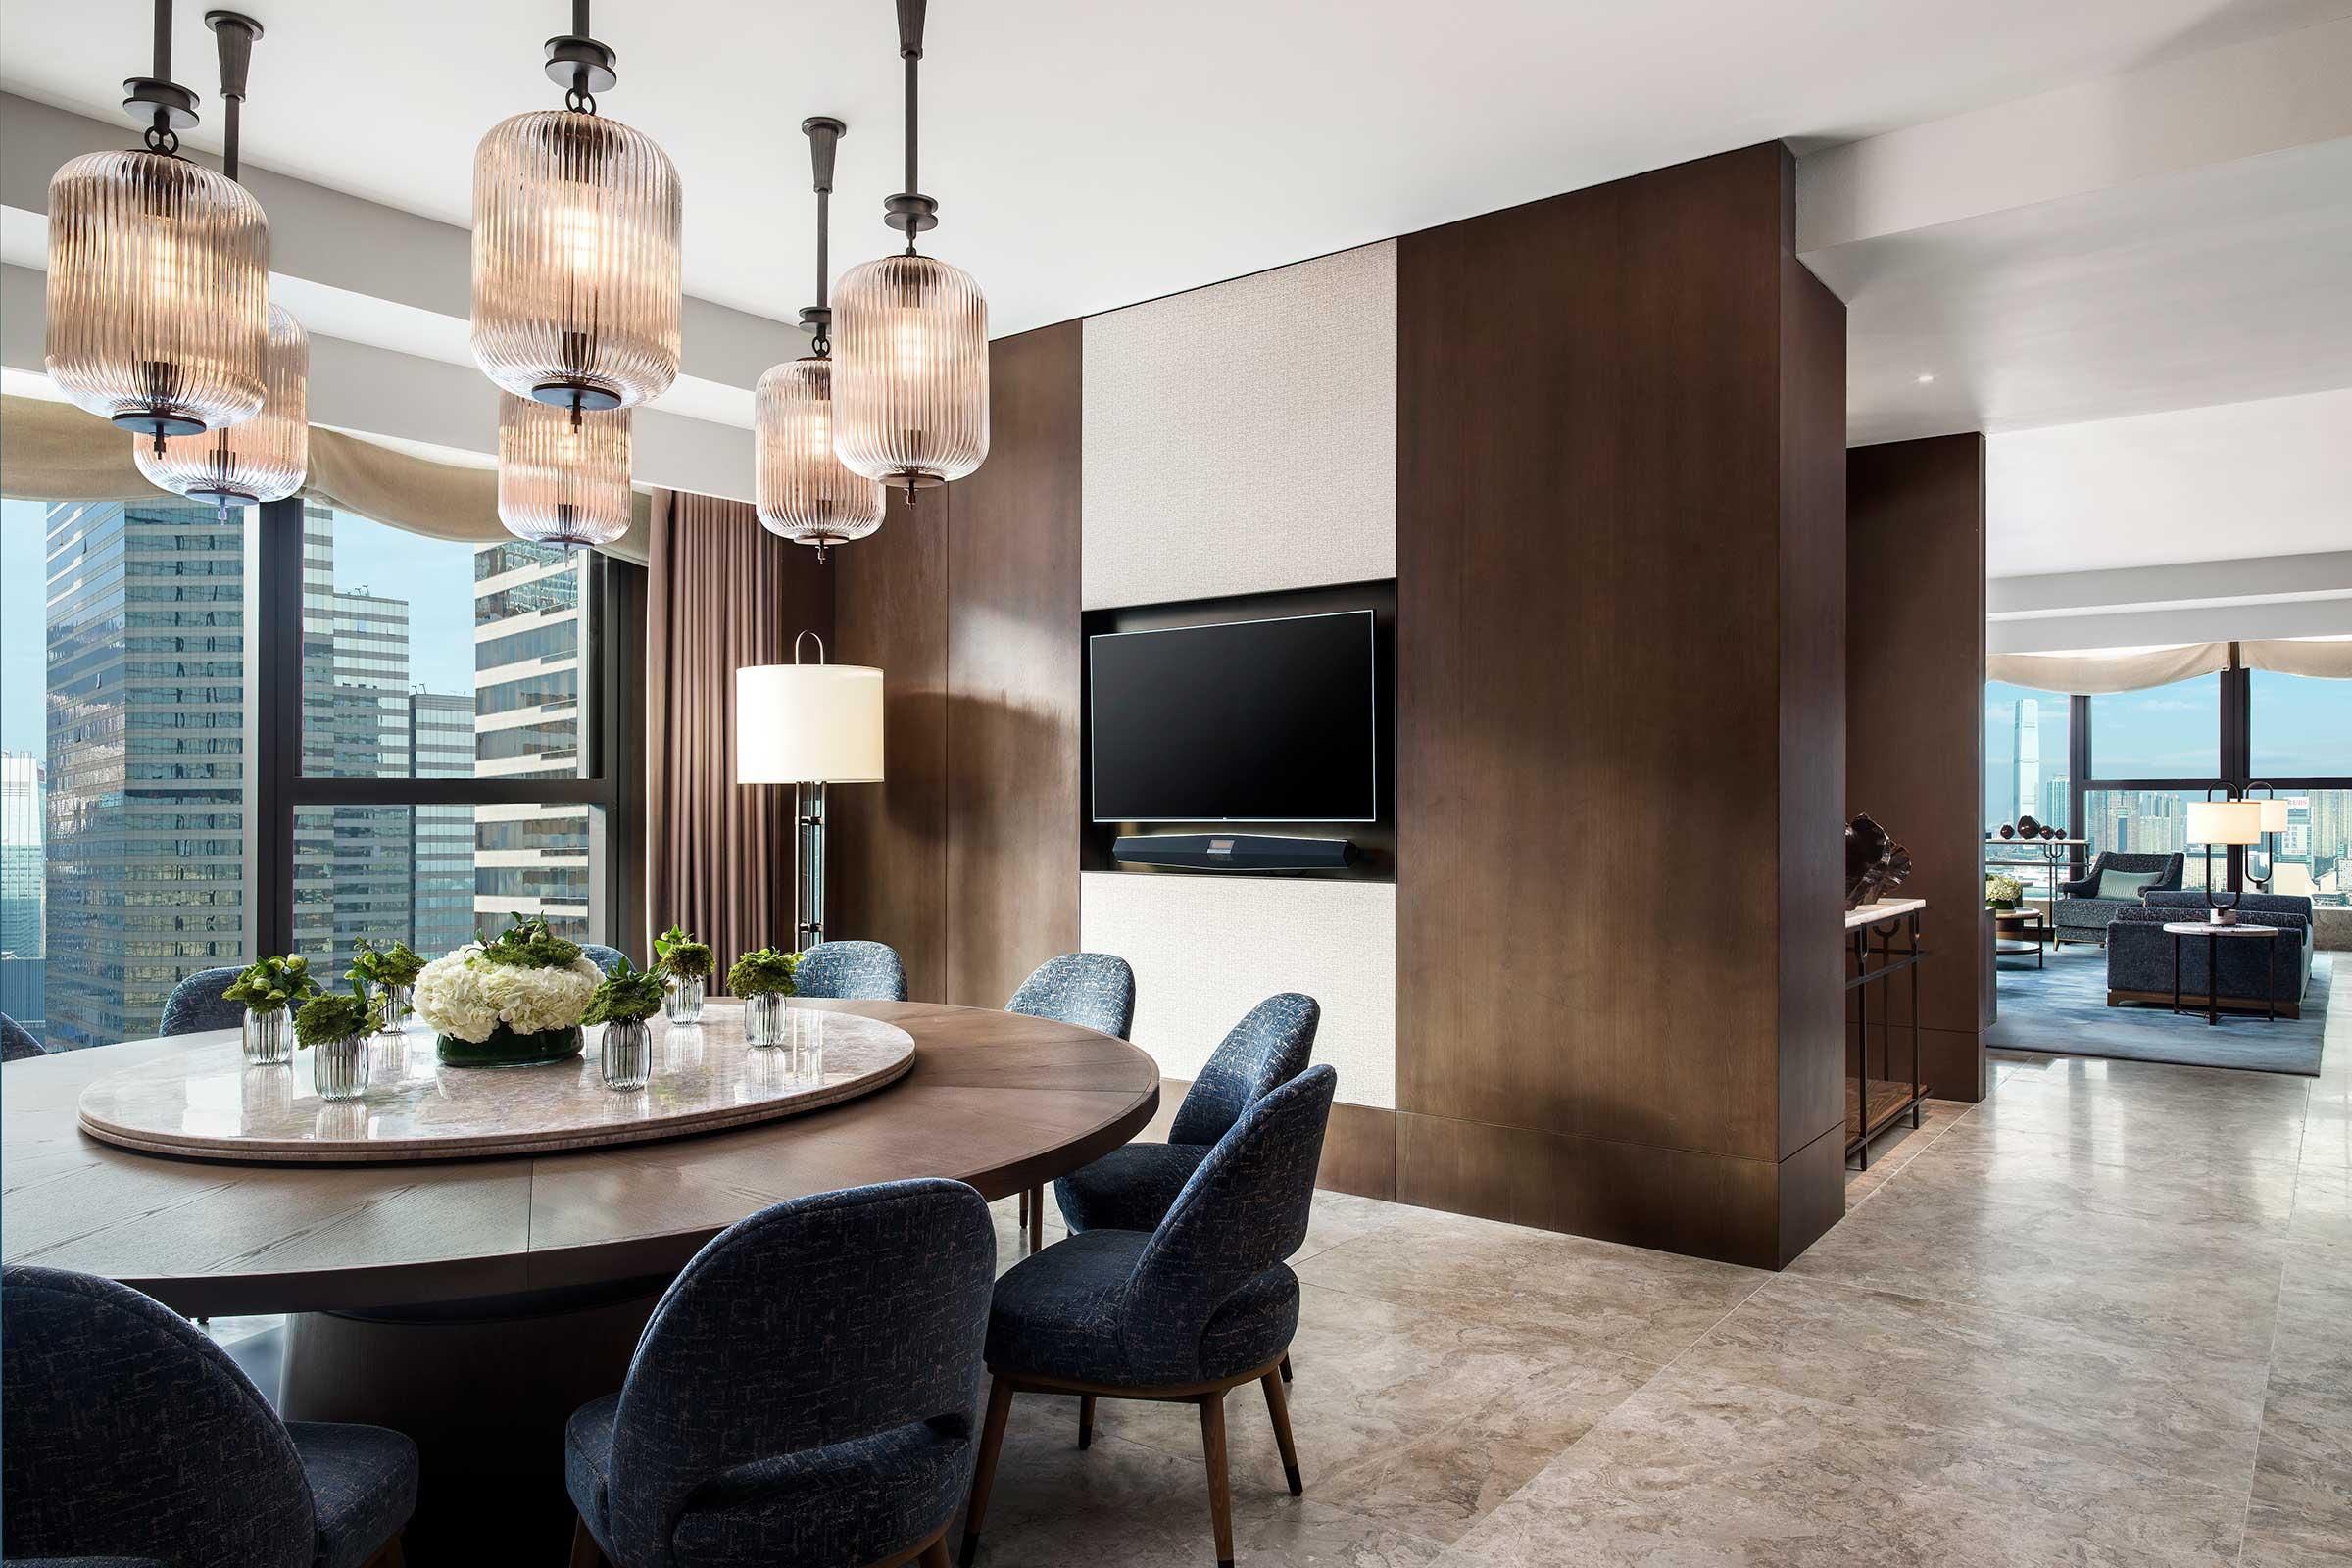 St.-Regis-Hong-Kong,-Presidential-Suite,-Dining-Room.jpg